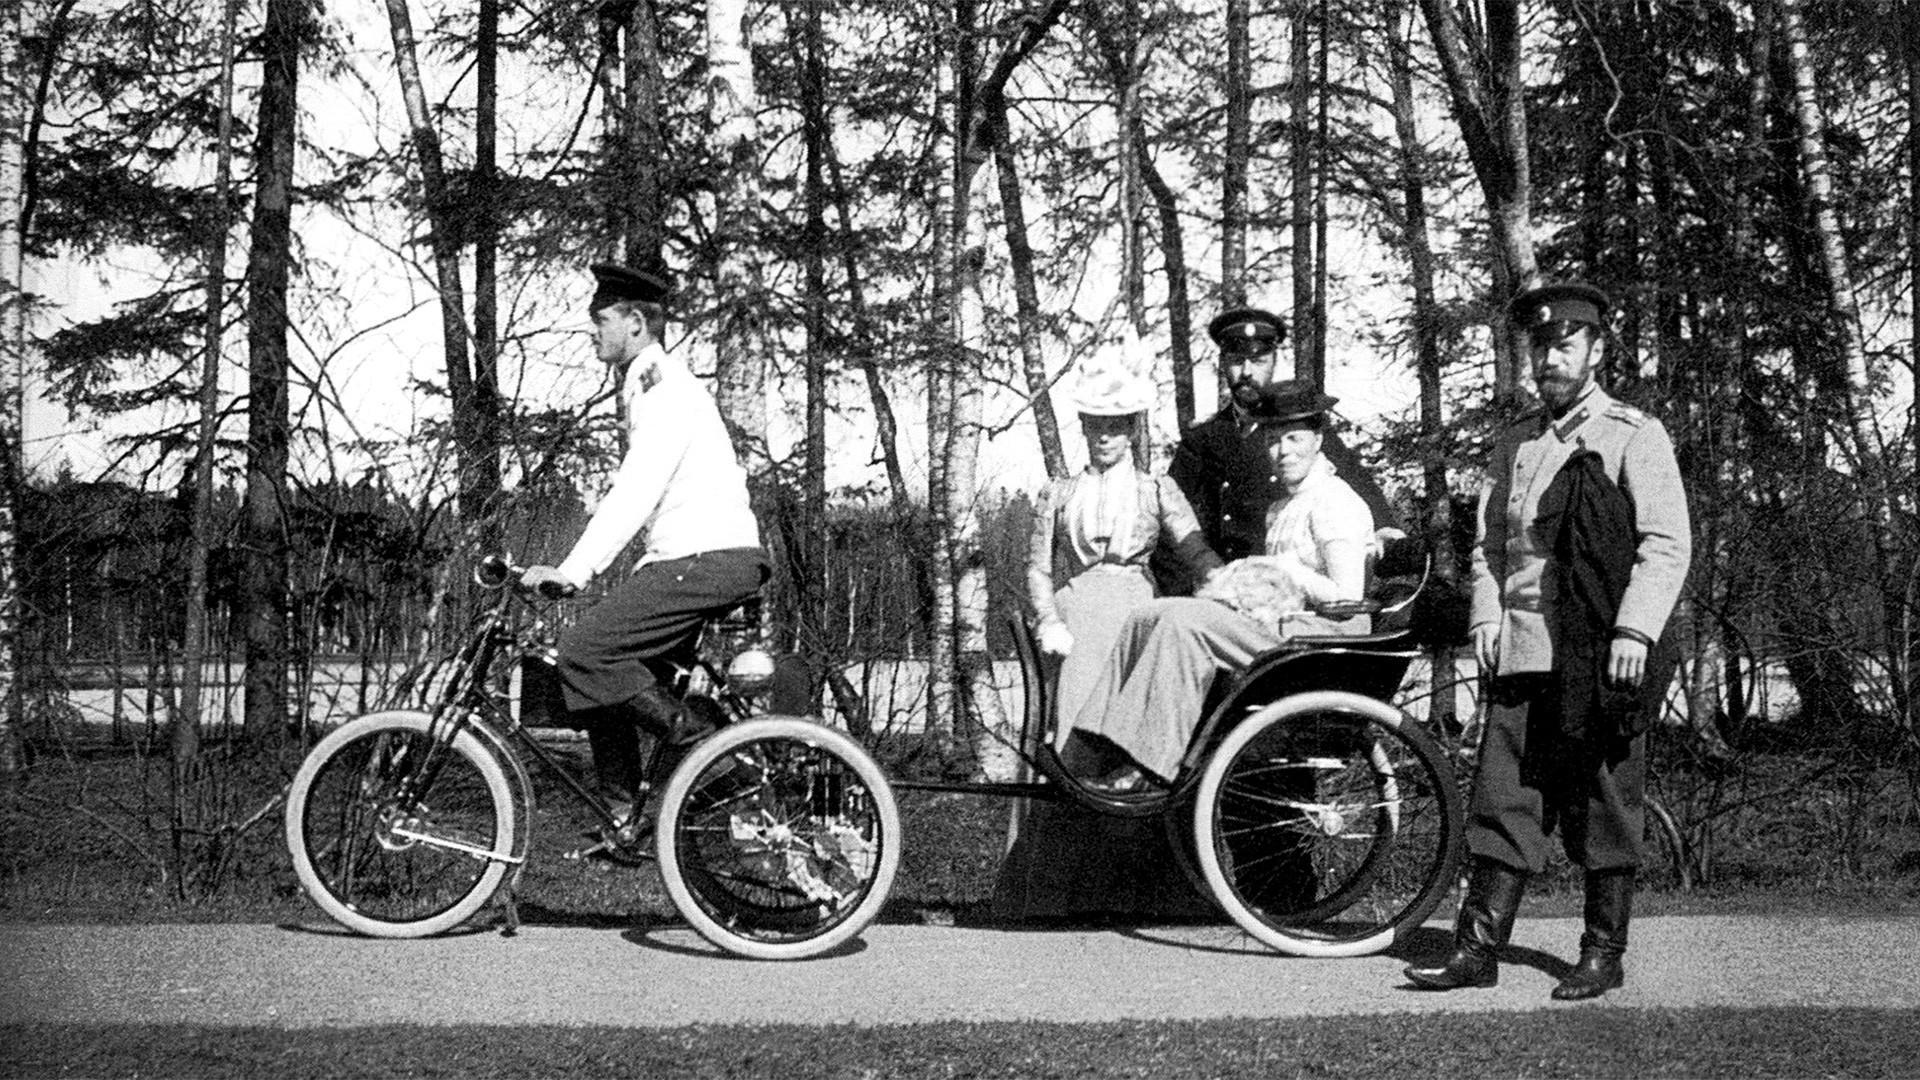 Николај Други са члановима породице у шетњи